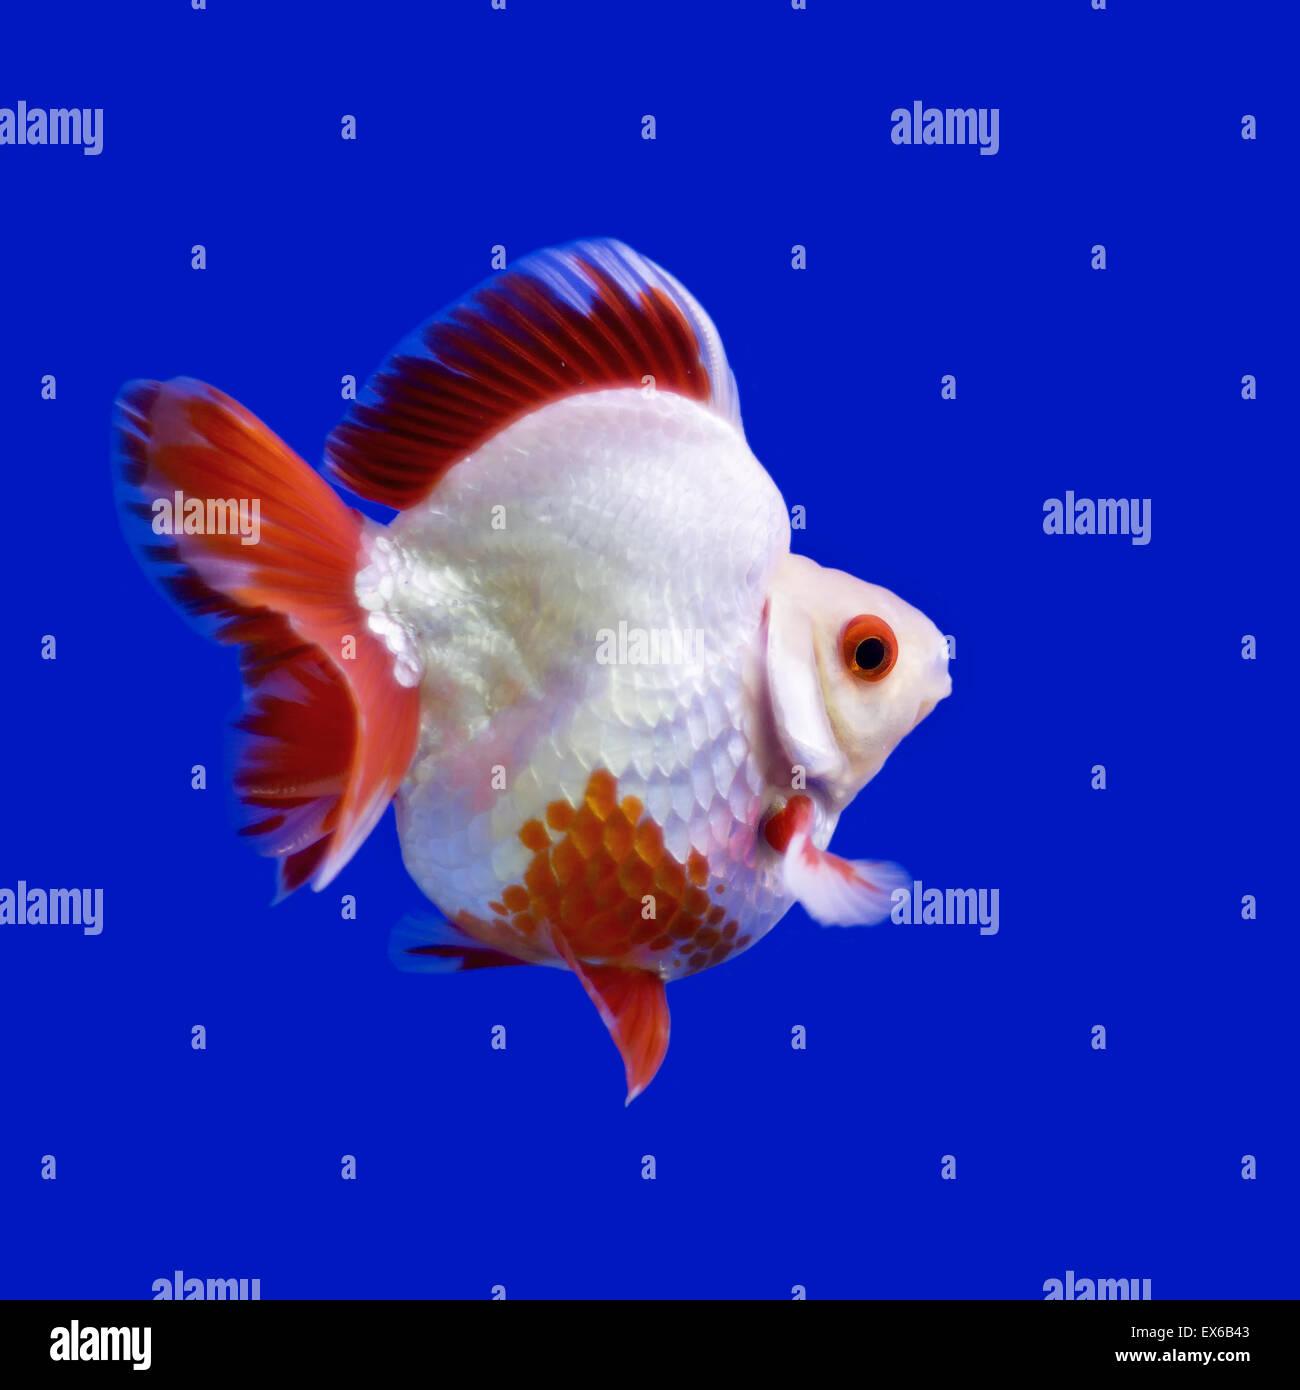 Beautiful Goldfish In The Aquarium Stock Photo Alamy